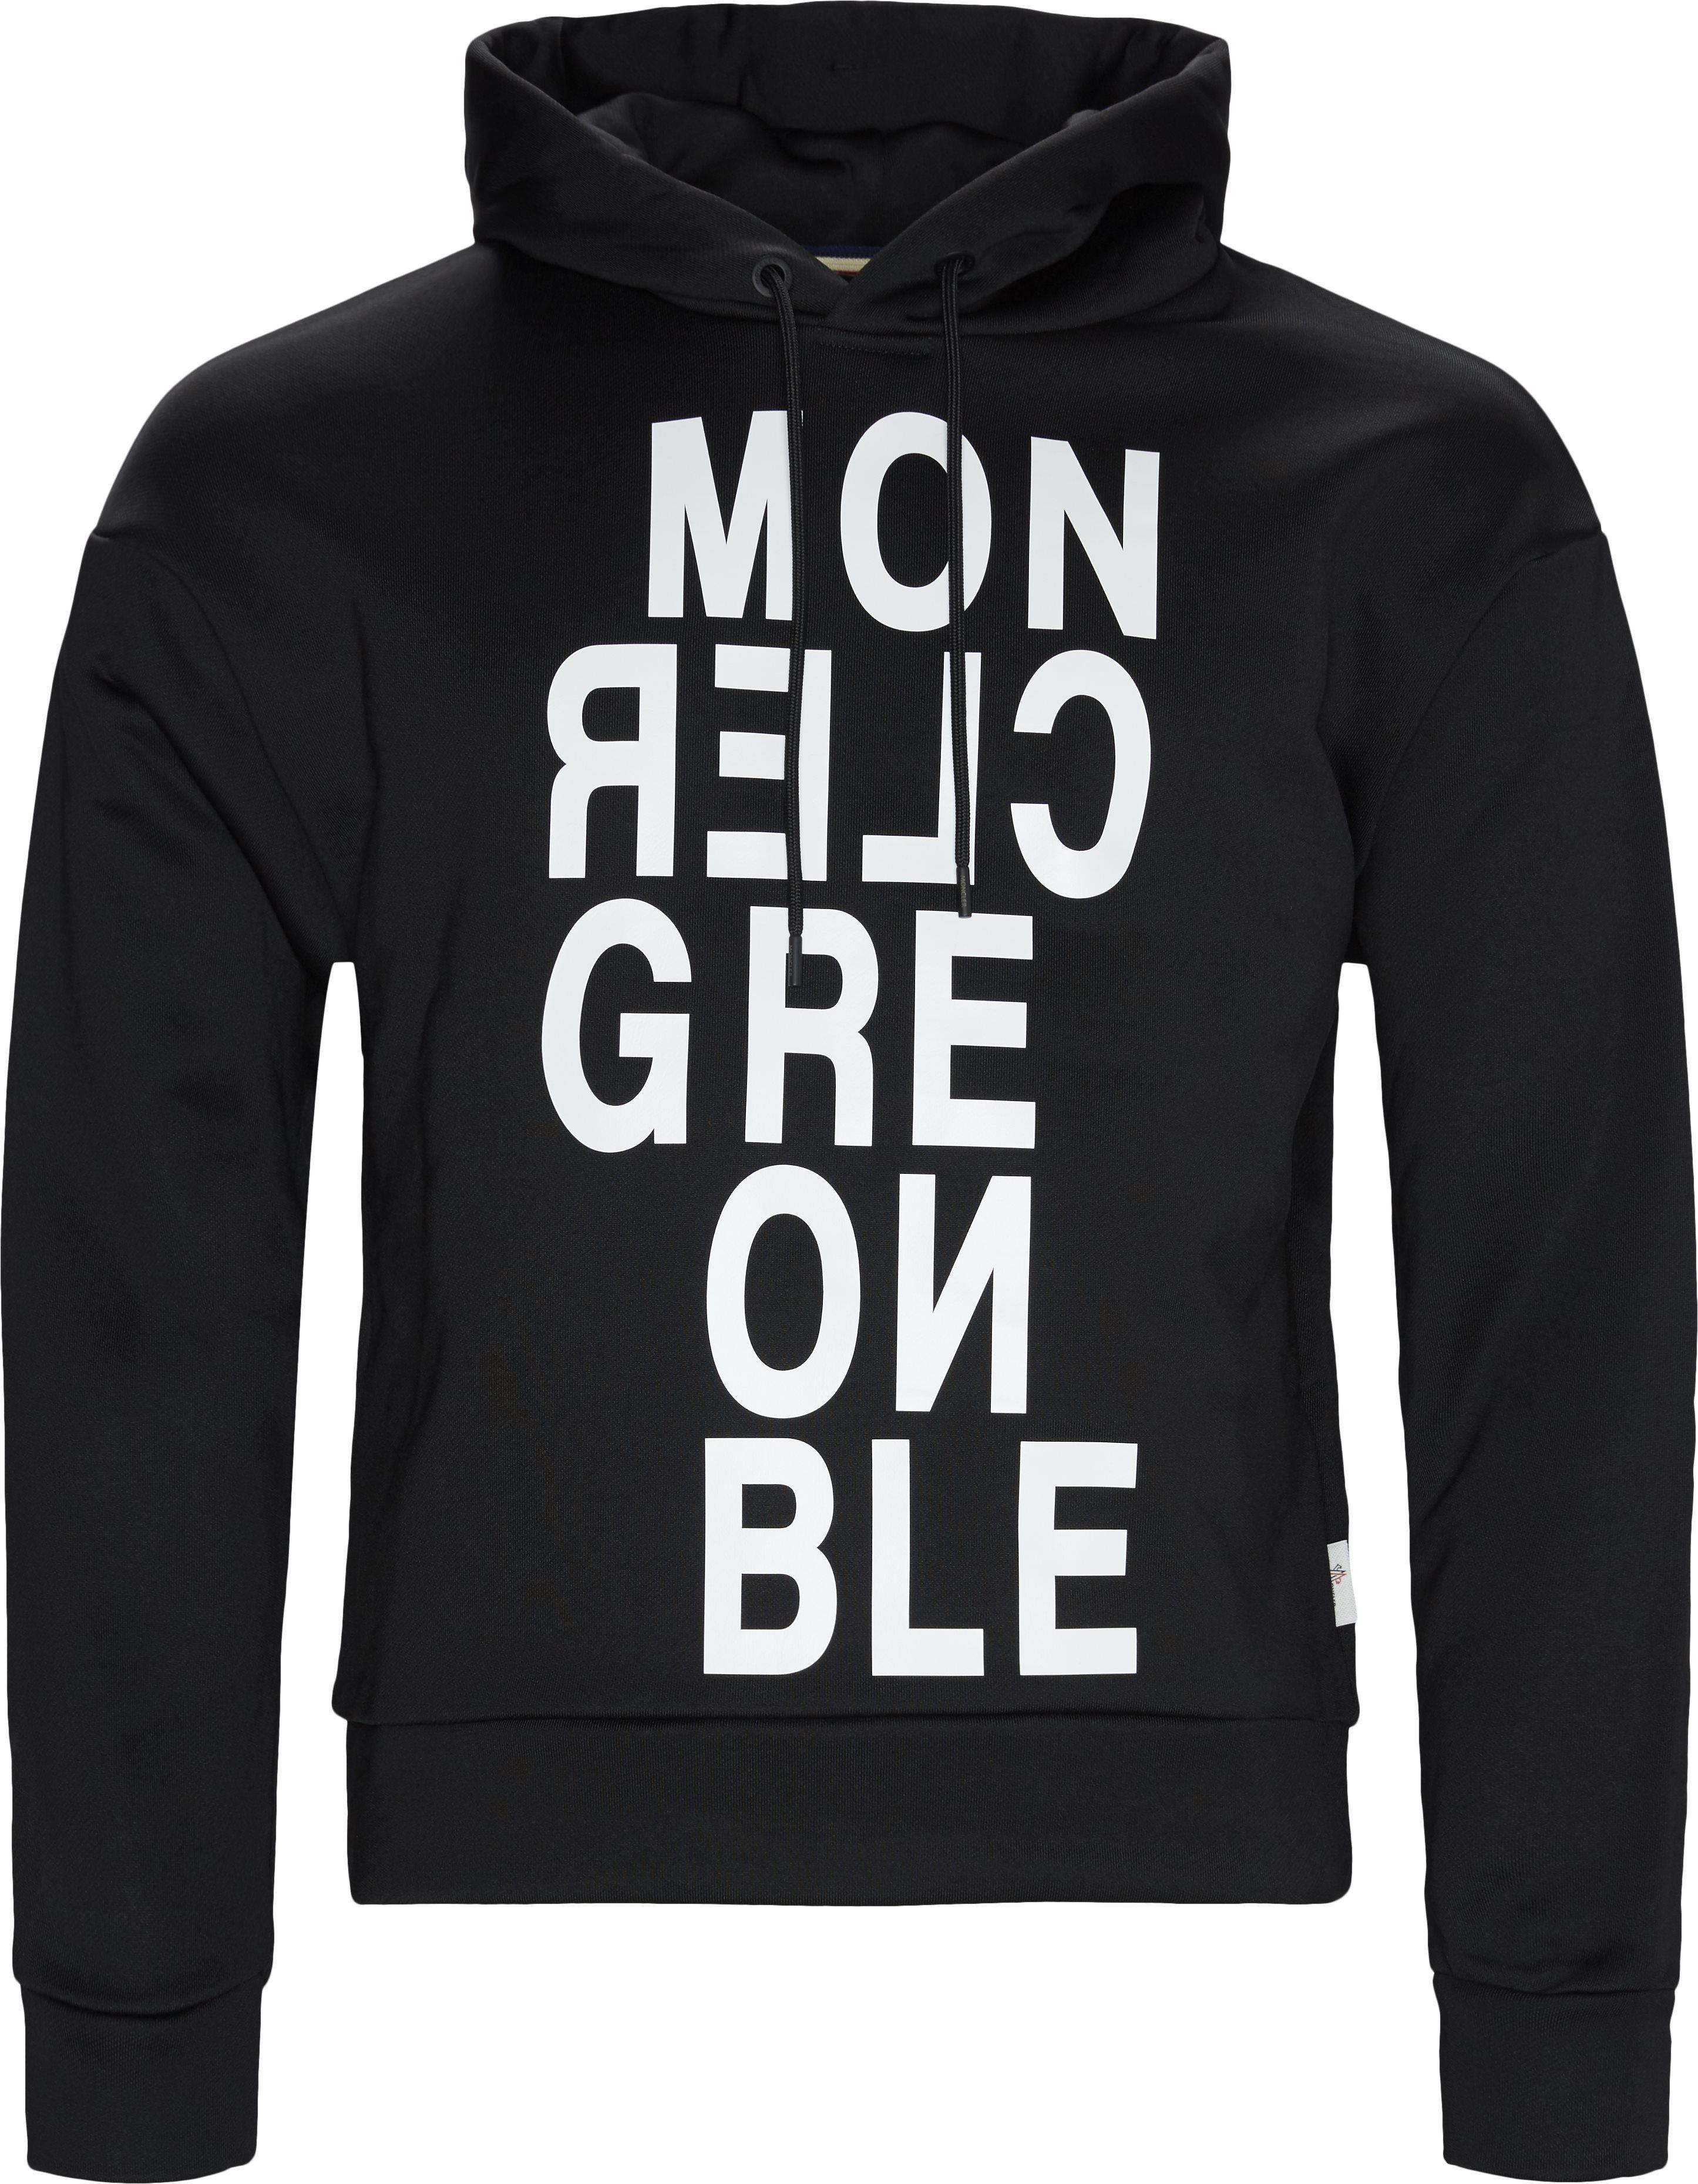 Hoodie  - Sweatshirts - Regular fit - Sort